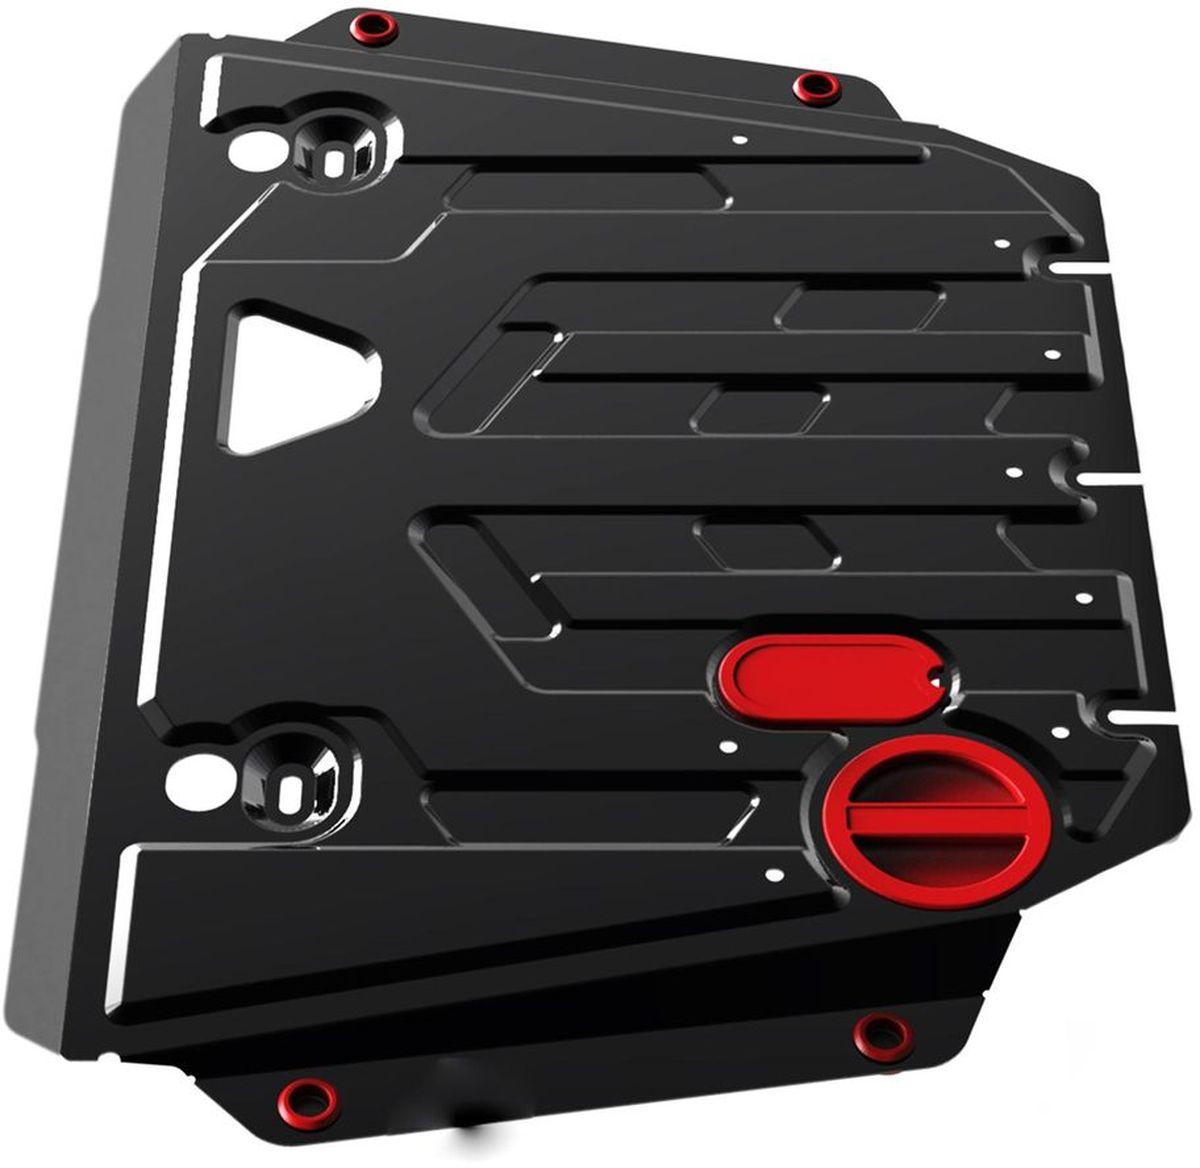 Защита картера и КПП Автоброня, для Volga Siber V - 2,4 (2008-)111.06201.1Технологически совершенный продукт за невысокую стоимость. Защита разработана с учетом особенностей днища автомобиля, что позволяет сохранить дорожный просвет с минимальным изменением. Защита устанавливается в штатные места кузова автомобиля. Глубокий штамп обеспечивает до двух раз больше жесткости в сравнении с обычной защитой той же толщины. Проштампованные ребра жесткости препятствуют деформации защиты при ударах. Тепловой зазор и вентиляционные отверстия обеспечивают сохранение температурного режима двигателя в норме. Скрытый крепеж предотвращает срыв крепежных элементов при наезде на препятствие. Шумопоглощающие резиновые элементы обеспечивают комфортную езду без вибраций и скрежета металла, а съемные лючки для слива масла и замены фильтра - экономию средств и время. Конструкция изделия не влияет на пассивную безопасность автомобиля (при ударе защита не воздействует на деформационные зоны кузова). Со штатным крепежом. В комплекте инструкция по установке....